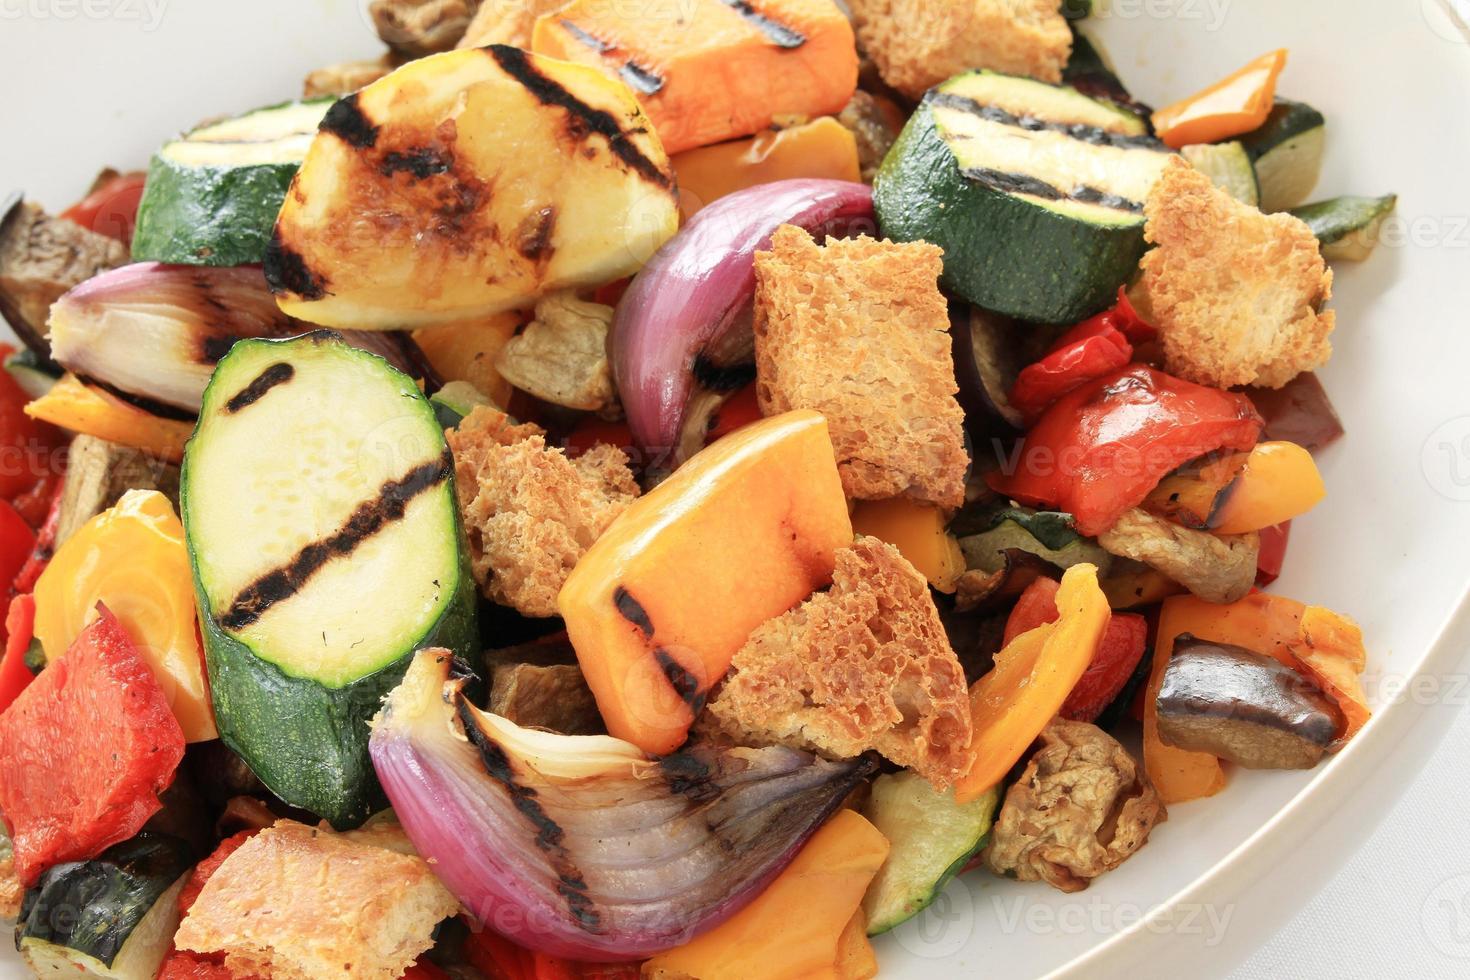 verdure arrosto con aceto balsamico foto